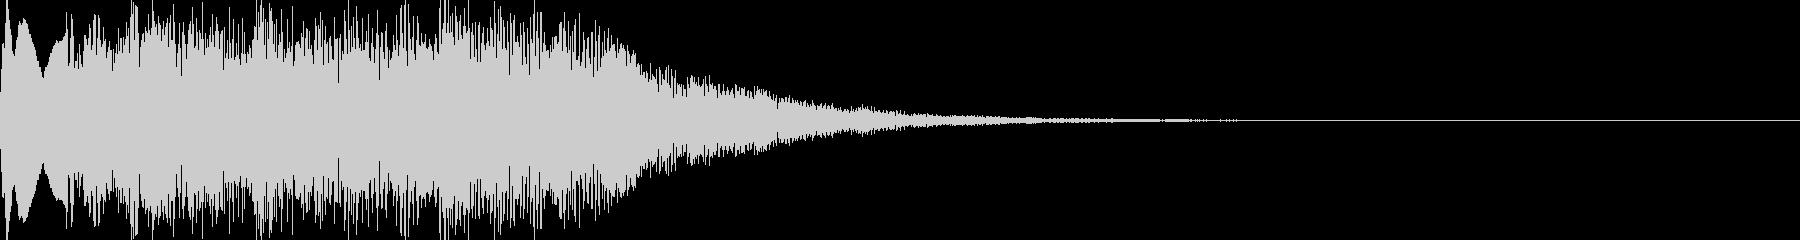 ゼルダの扉が開く音(パロディ)の未再生の波形